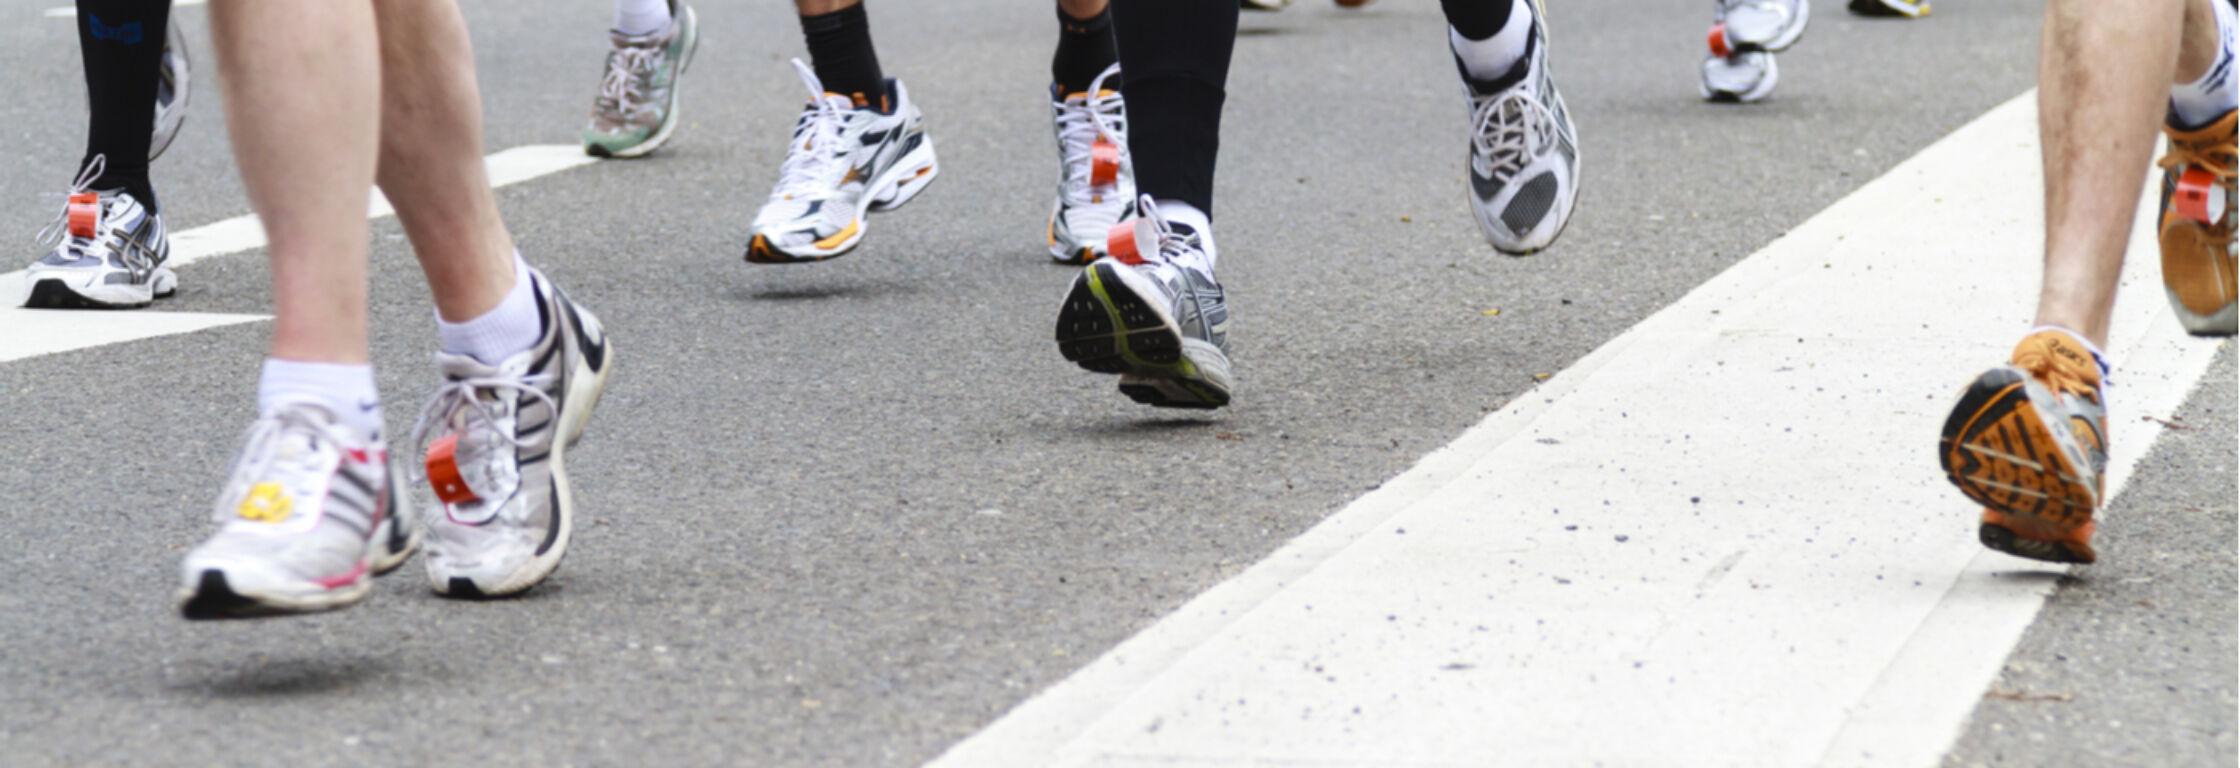 Je allereerste marathon: 'Wat mij betreft mag het beginnen'